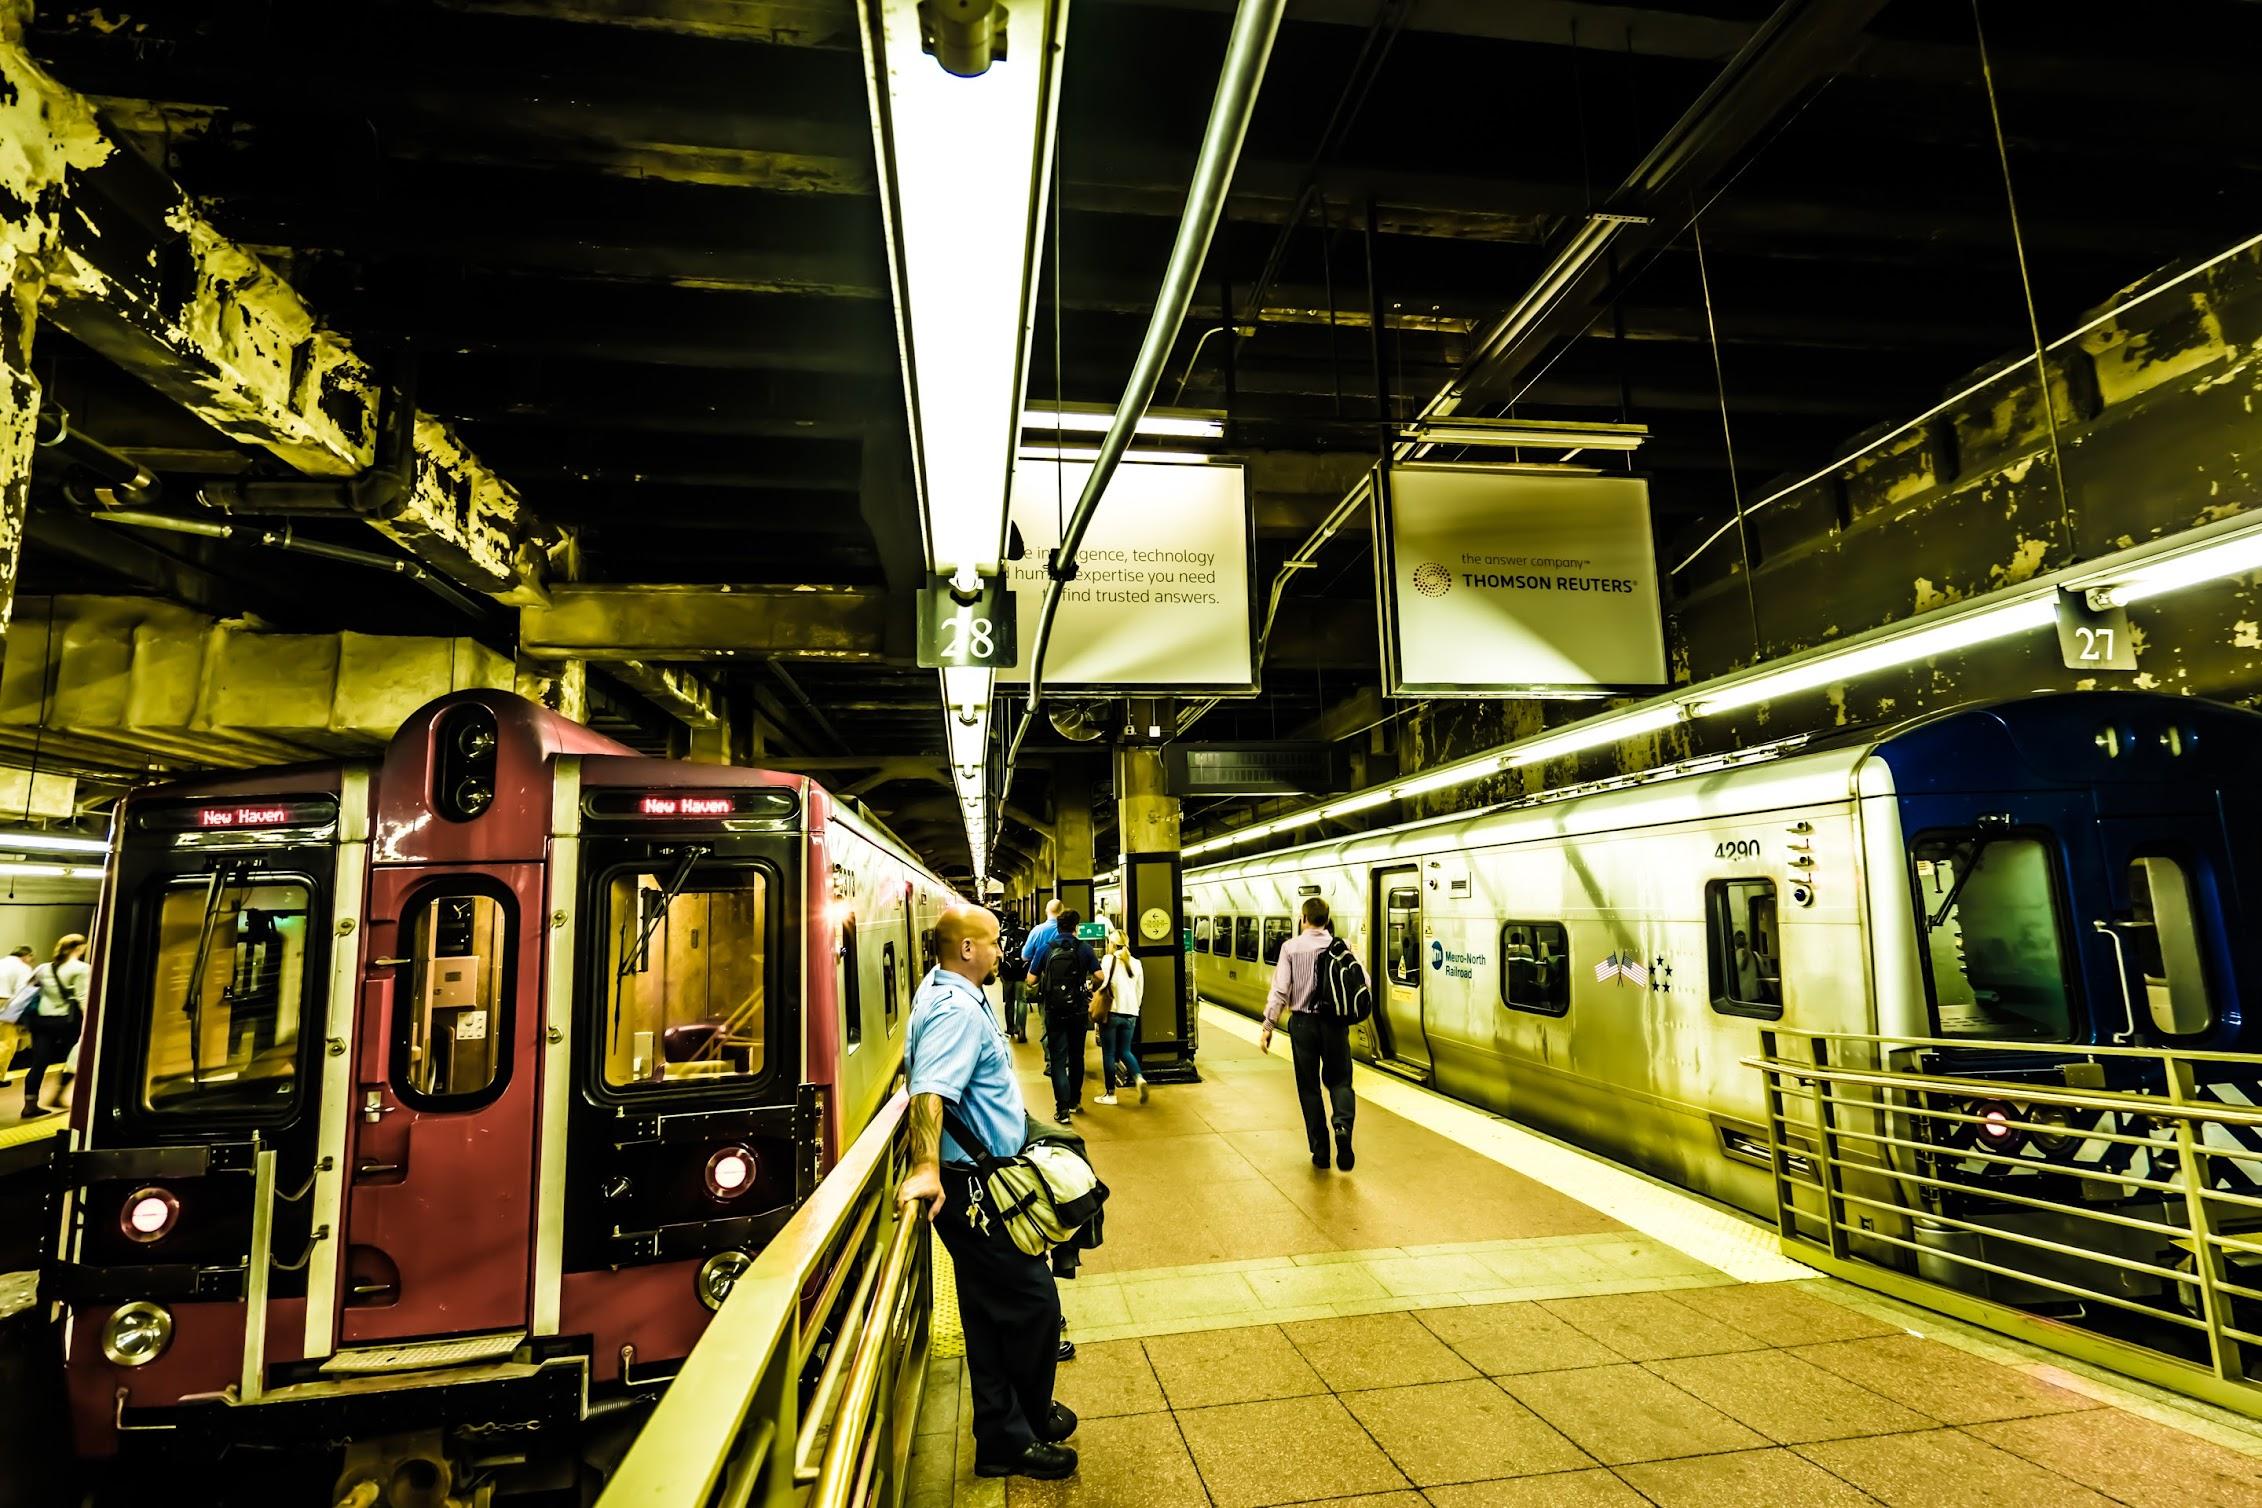 ニューヨーク メトロノース鉄道